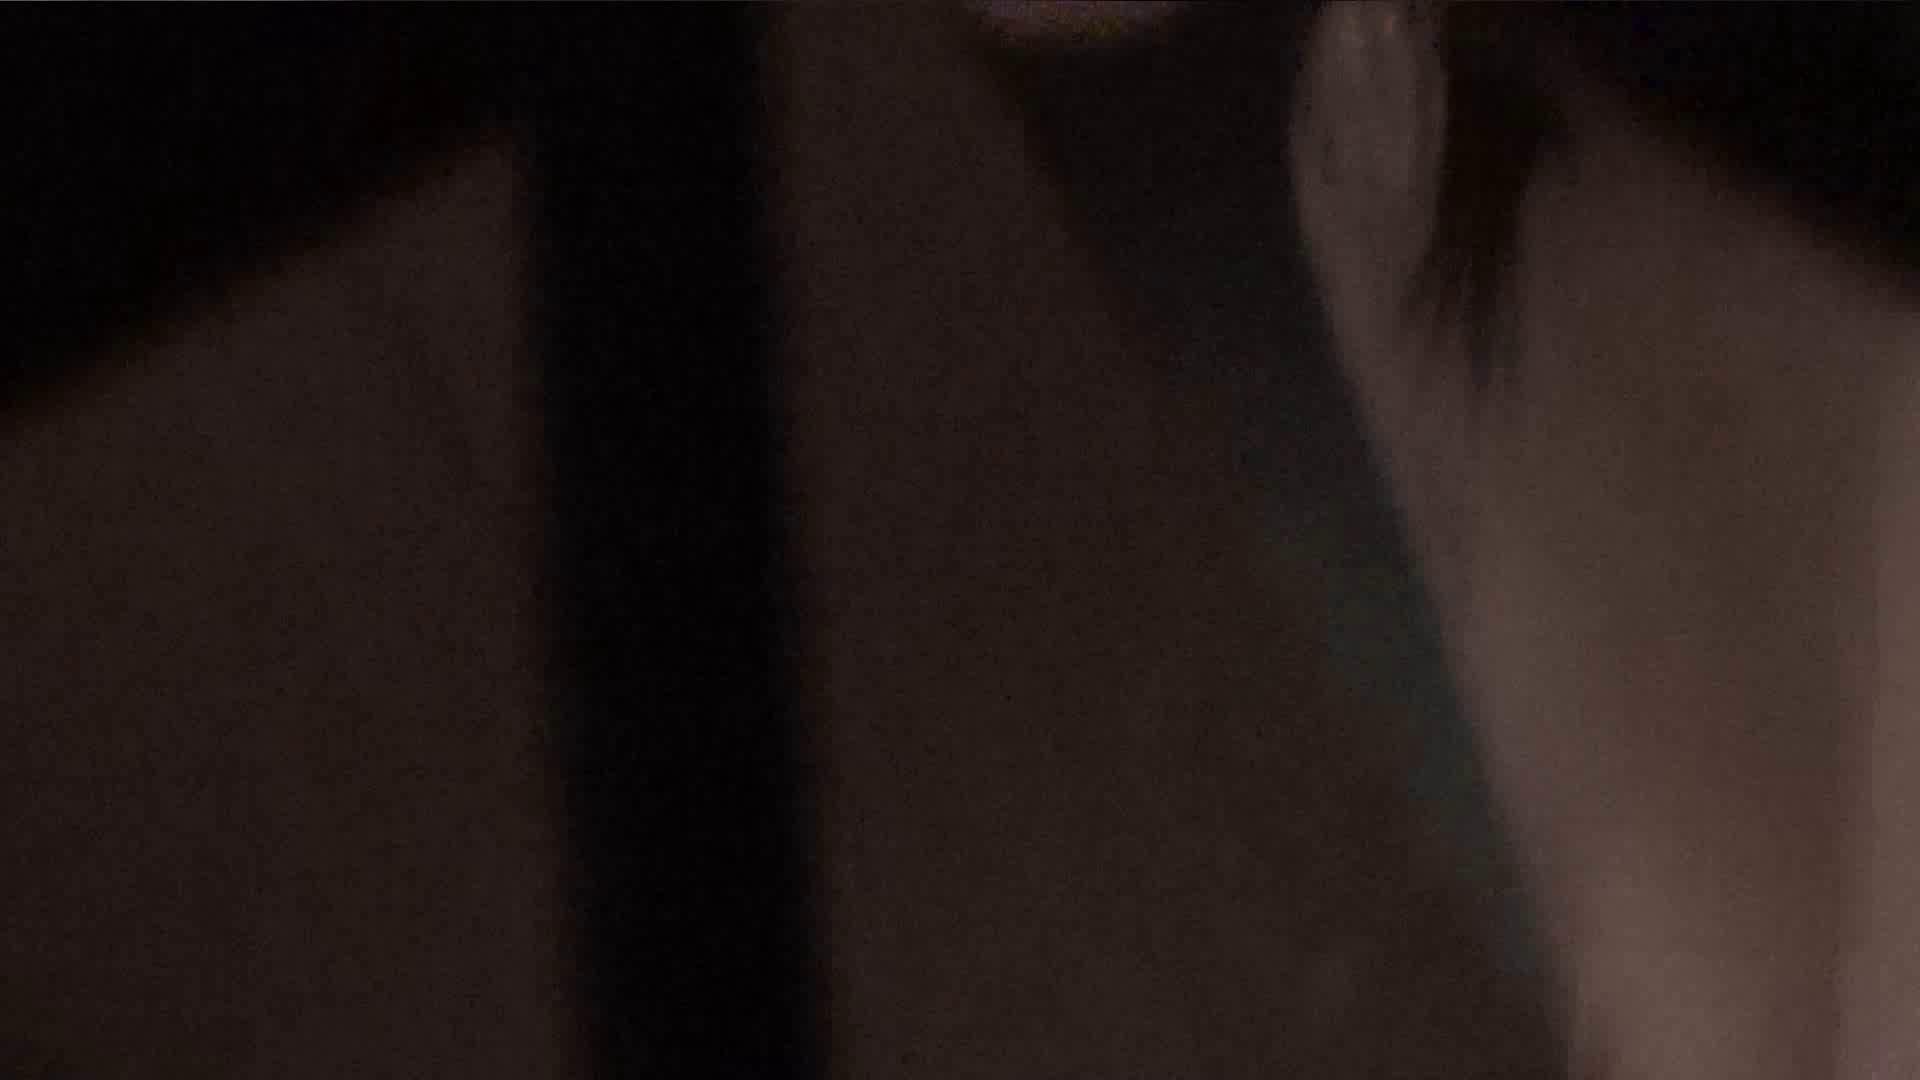 民家の騎士さんの最後の性戦ハイビジョン!!No.65 乳首 | 民家  89画像 57